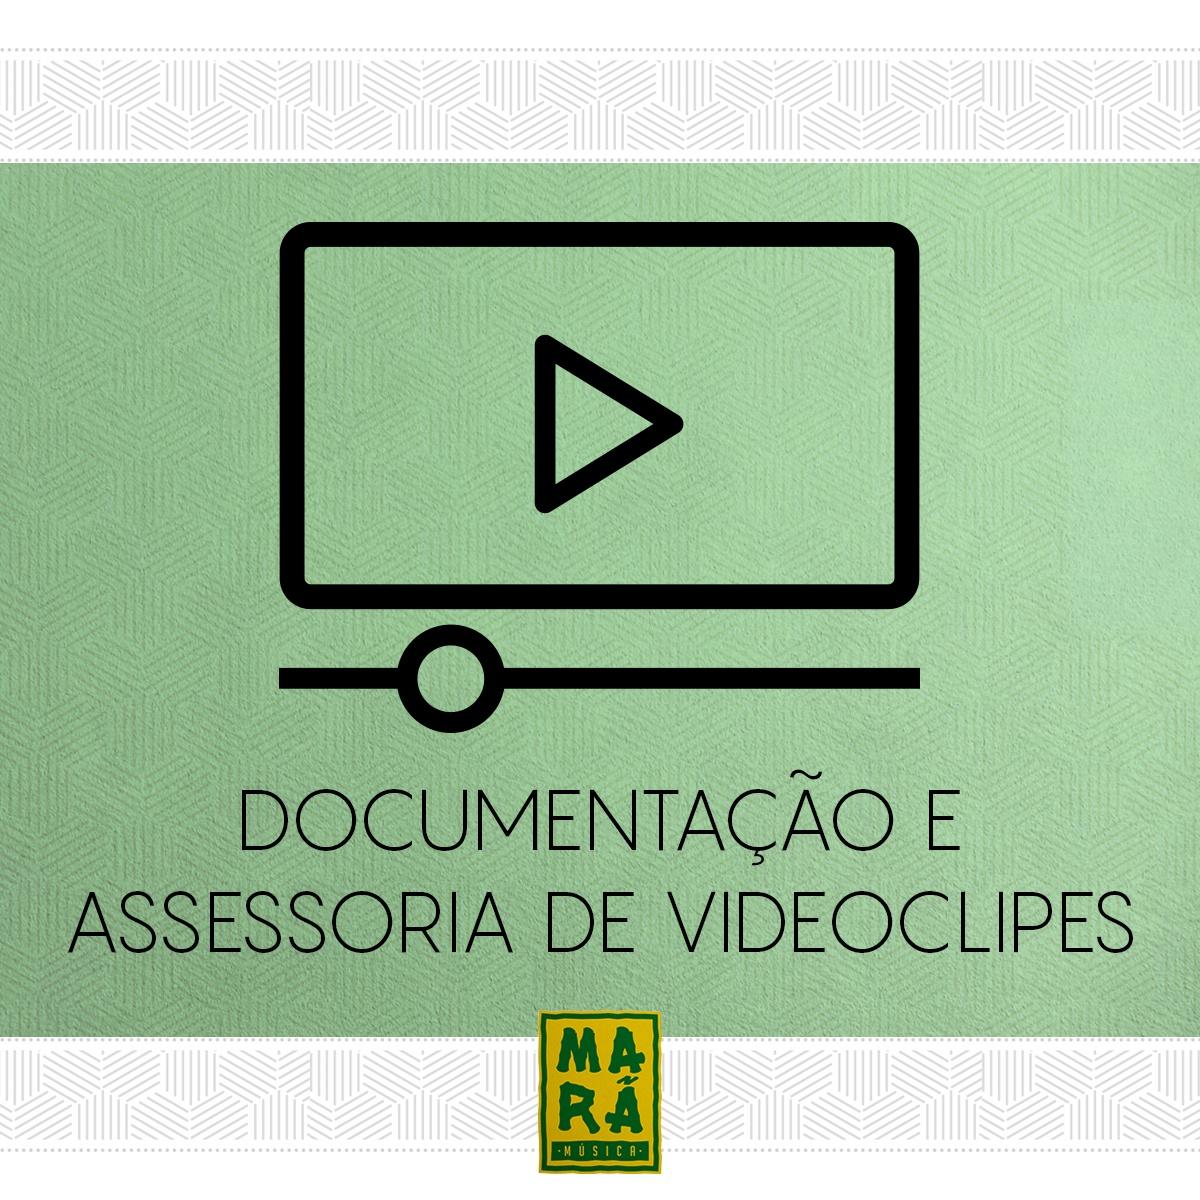 Assessoria de videoclipes musicais por vídeo e elaboração de documentação para veiculação em TV Paga período de 3 meses - Empresa de marketing musical Marã Música